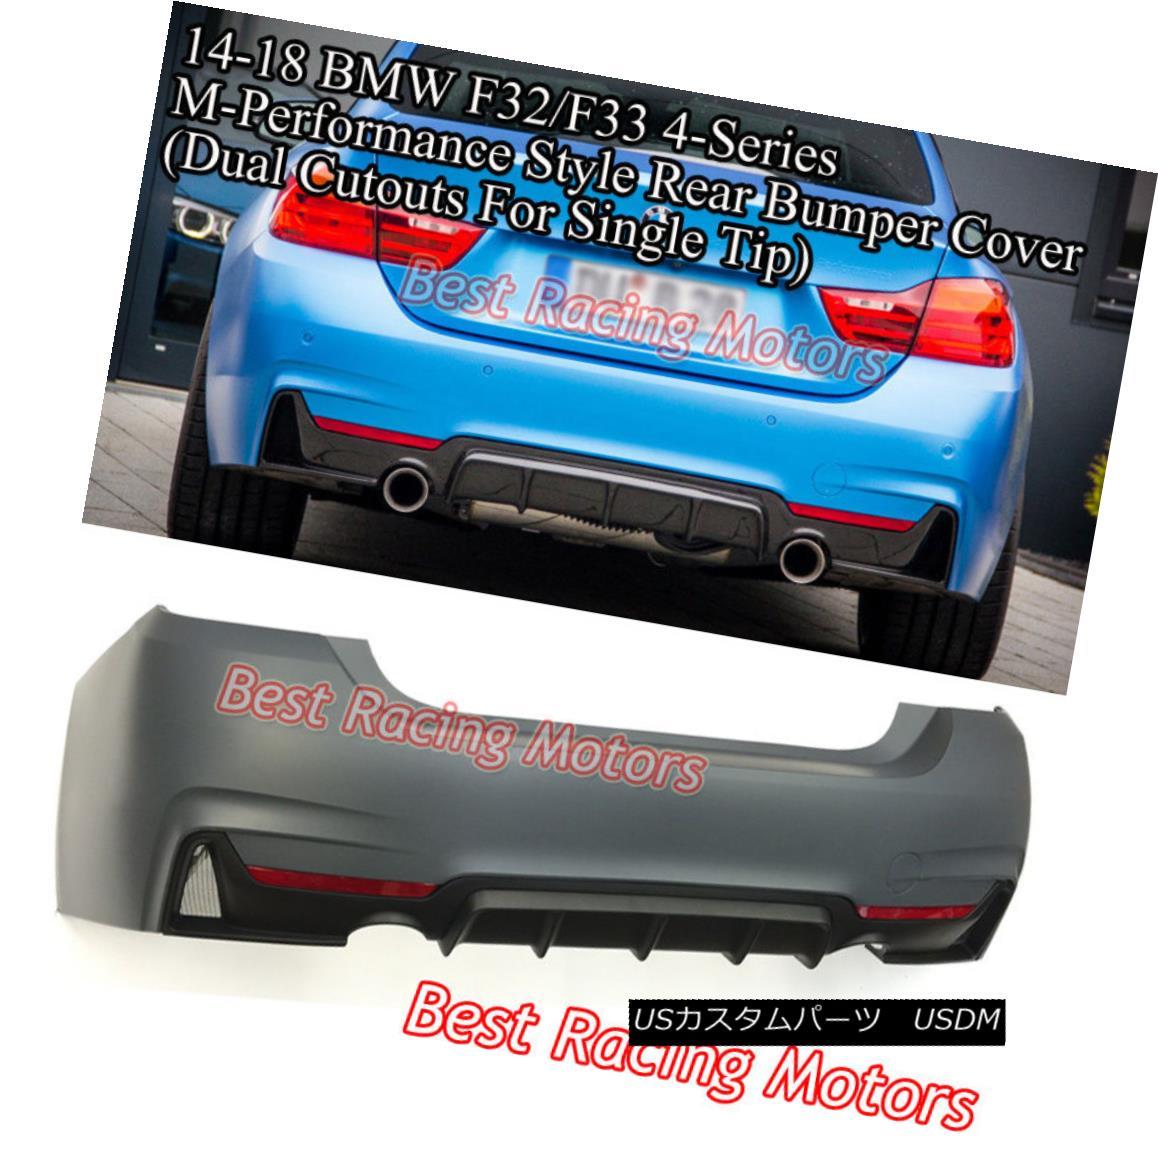 エアロパーツ Performance Style Rear Bumper/ (2 BMW Outlets) [1 Rear Tip/ Outlet] Fit 14-18 BMW F32 F33 パフォーマンス・スタイルリア・バンパー(2アウトレット)[1先端/アウトレット]適合14-18 BMW F32 F33, トミアイマチ:164c4a7f --- officewill.xsrv.jp